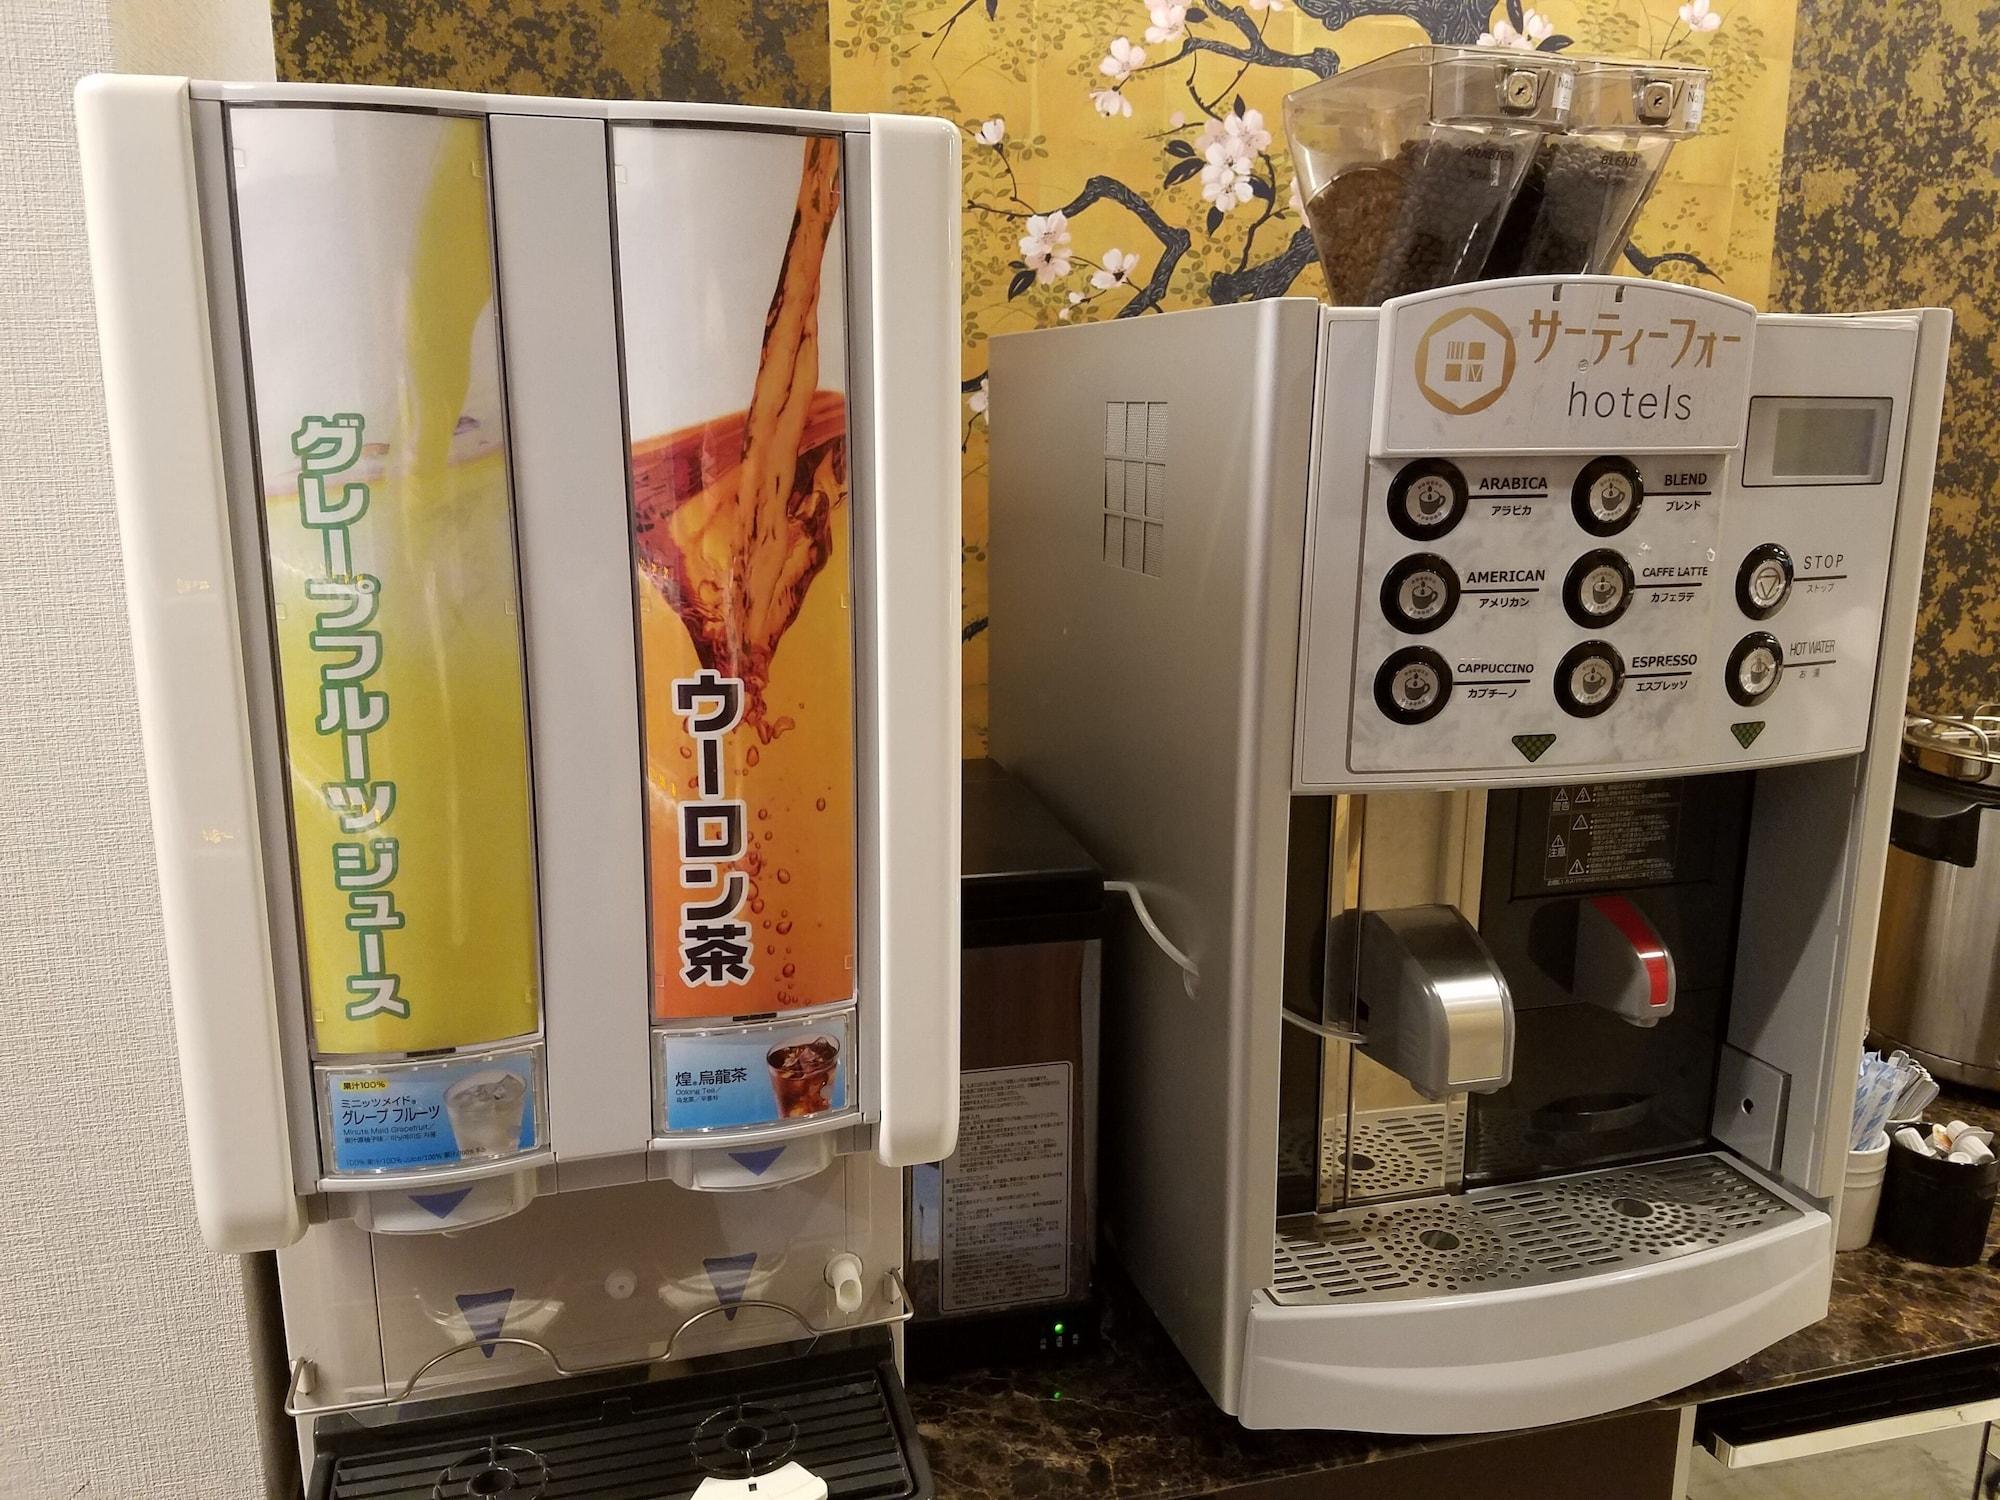 Thirty Four Hotels Sagamihara Ekimae, Sagamihara